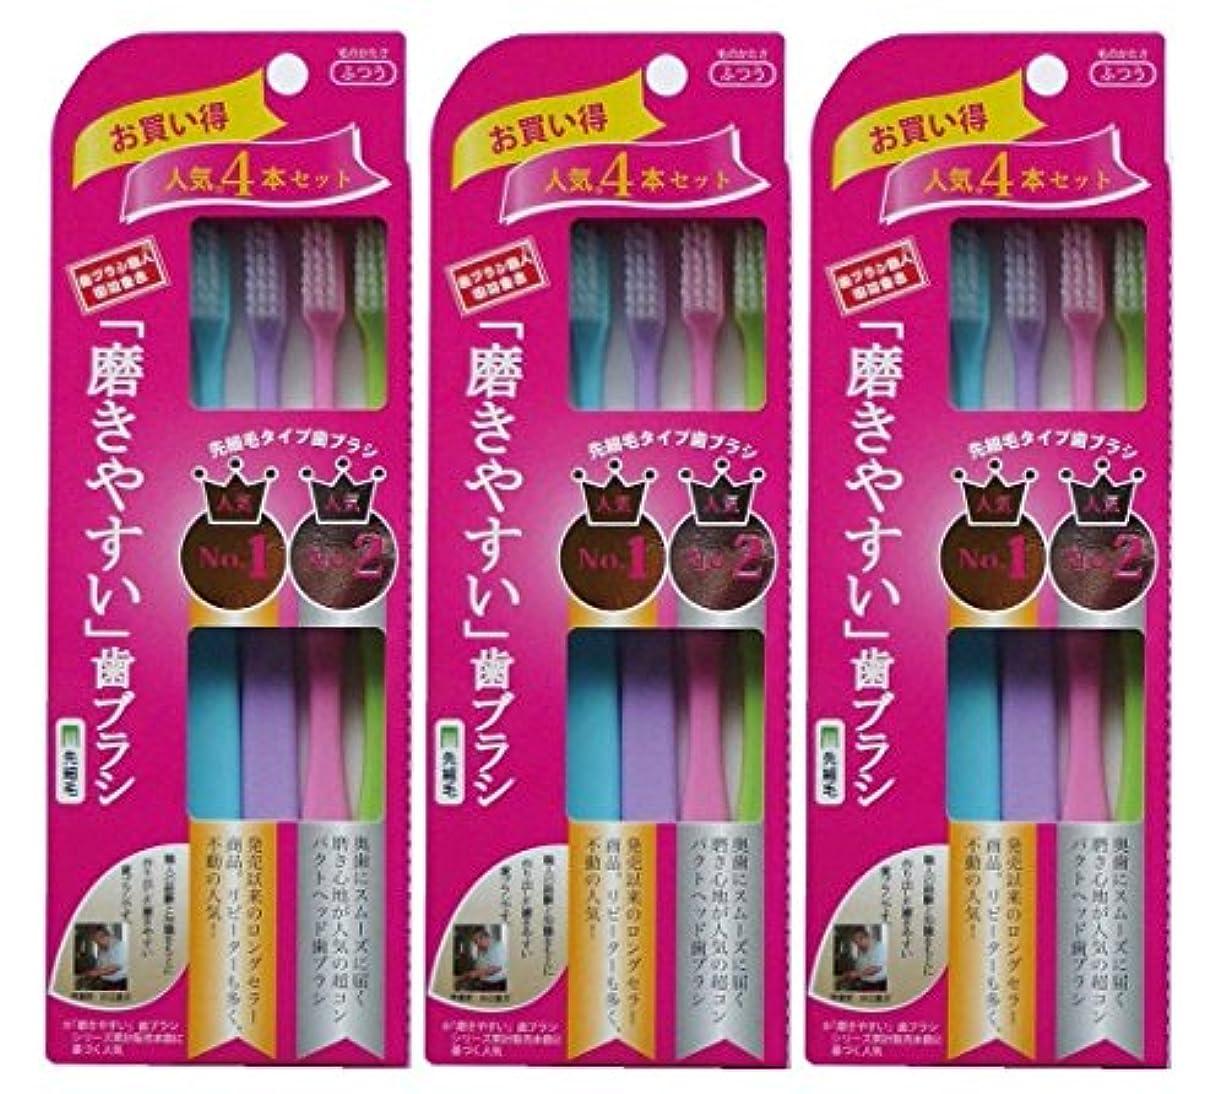 プレビューシンプルなびっくりする磨きやすい歯ブラシ 人気 No.1 No.2 先細毛 LT-21 4本組×3個セット